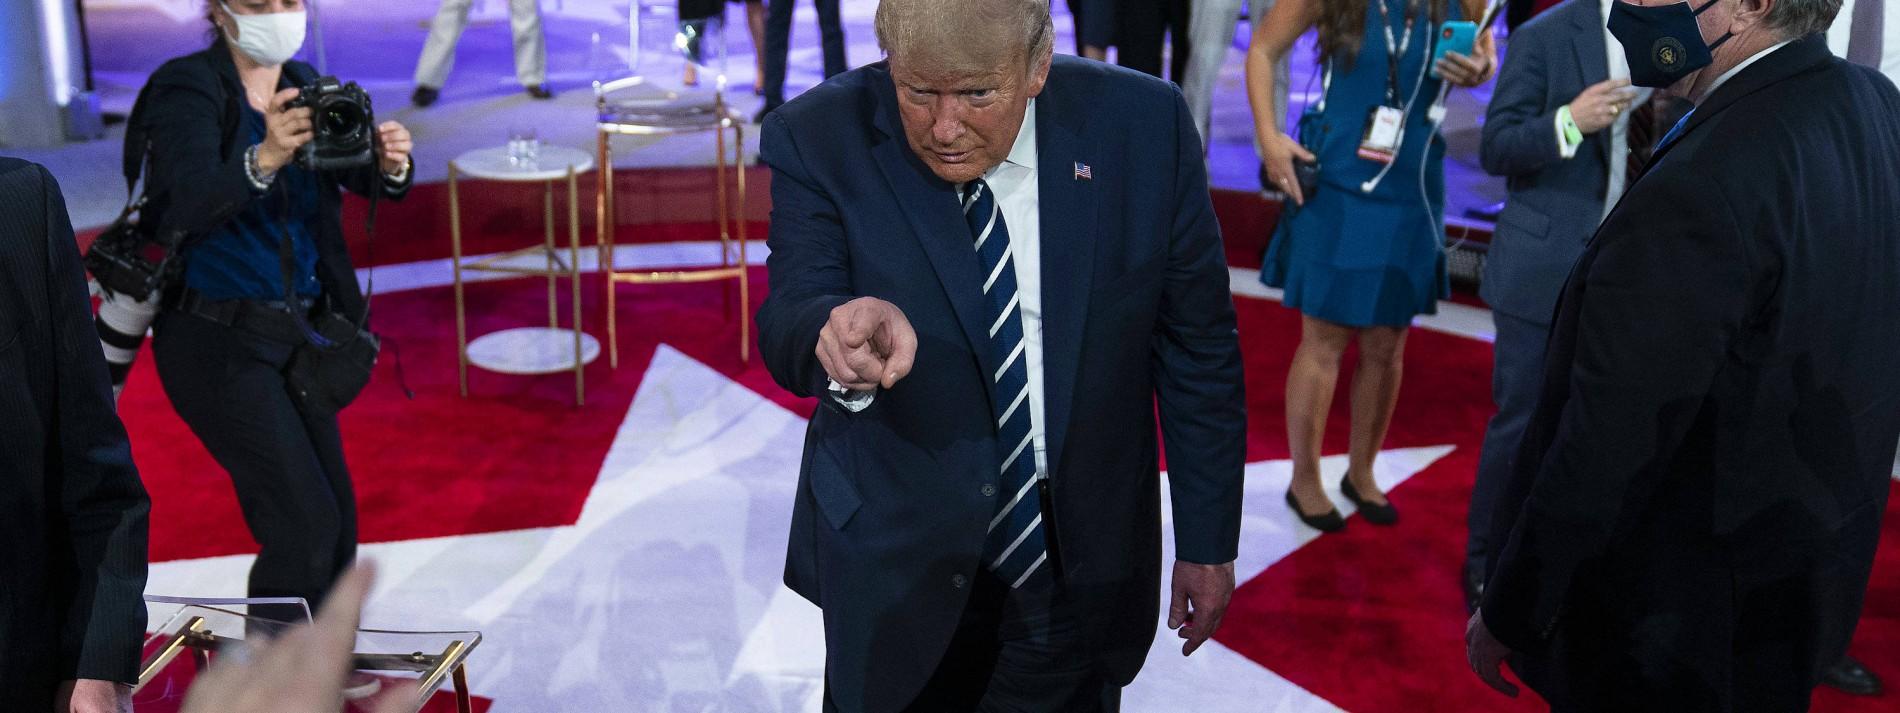 Trumps Show und Bidens Fragestunde